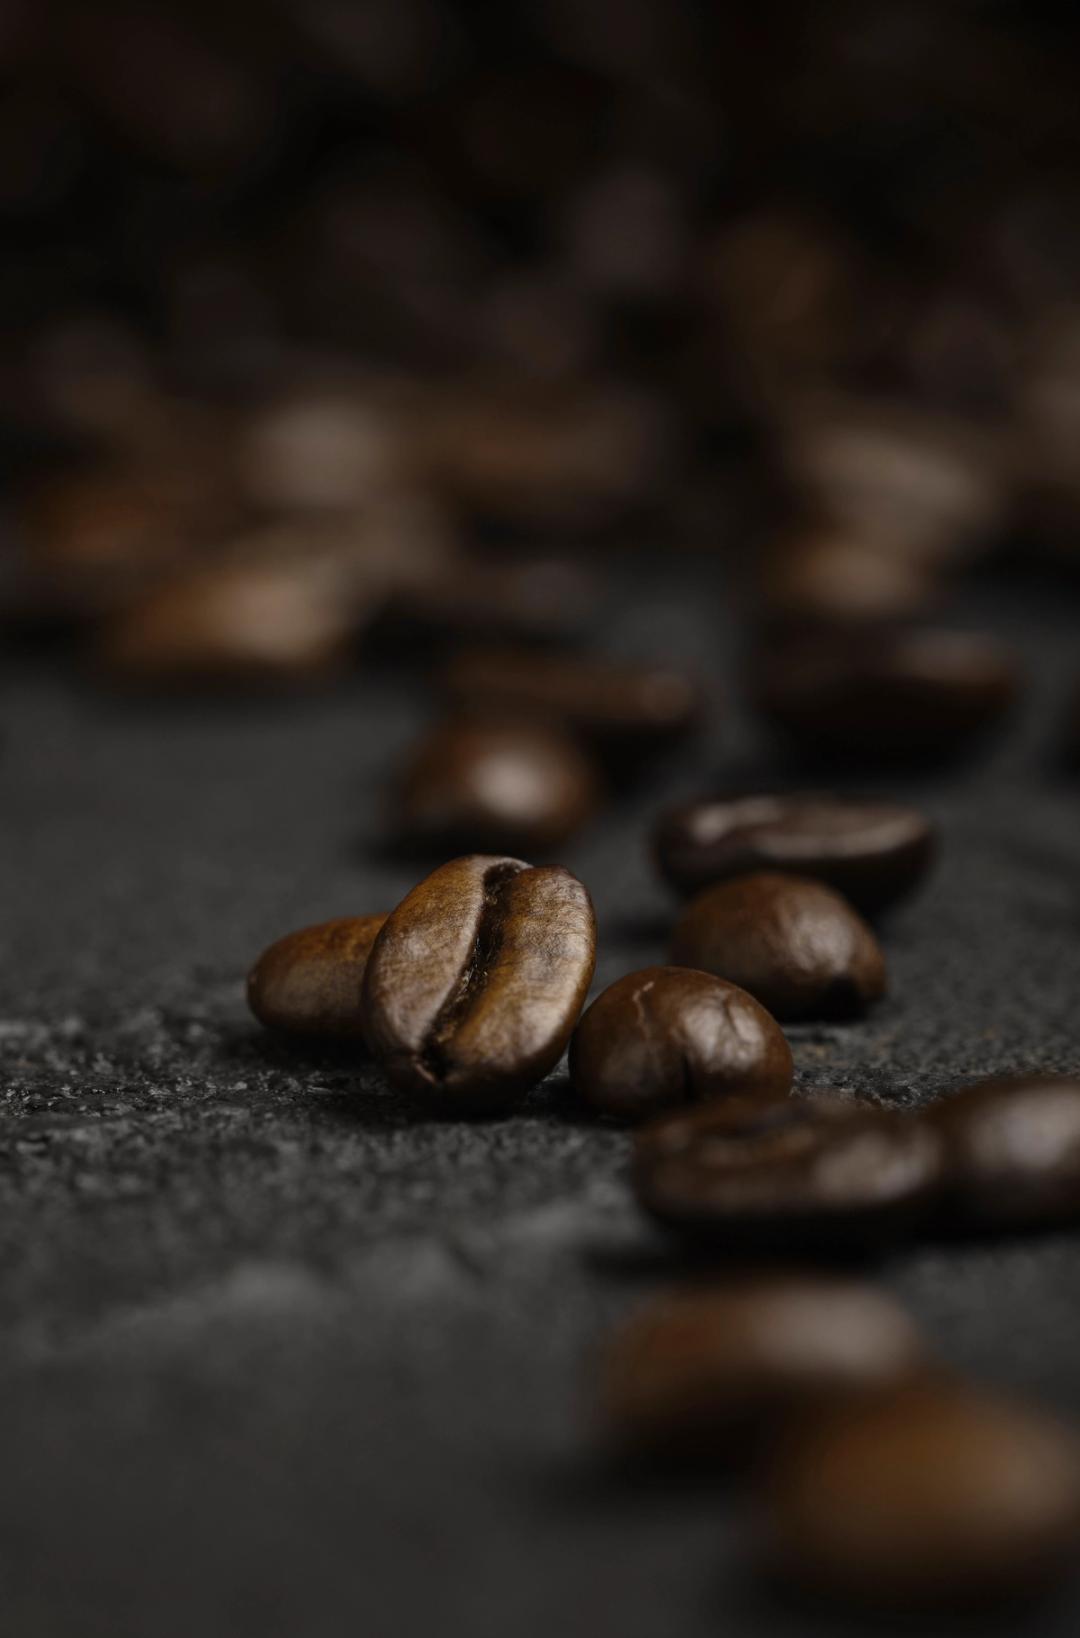 Blurred coffee beans